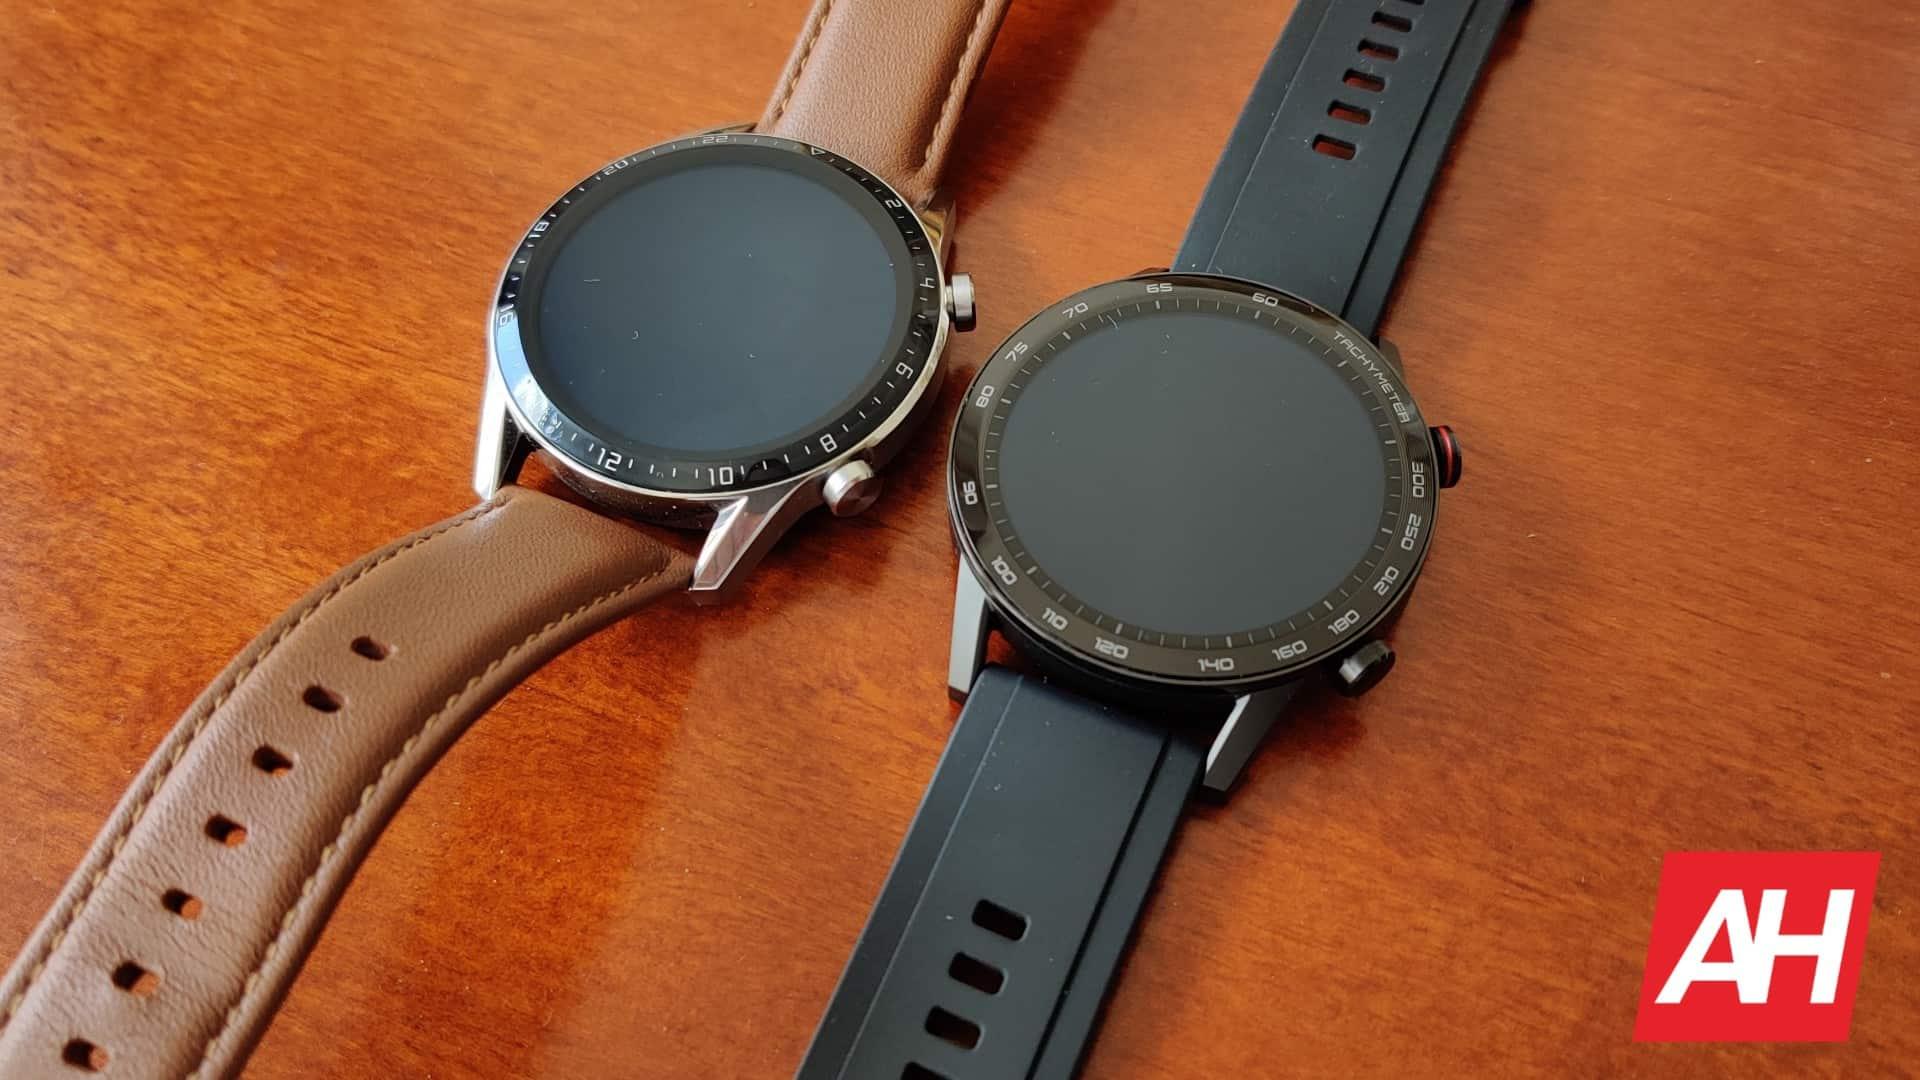 AH Huawei Watch GT 2 vs HONOR MagicWatch 2 image 1